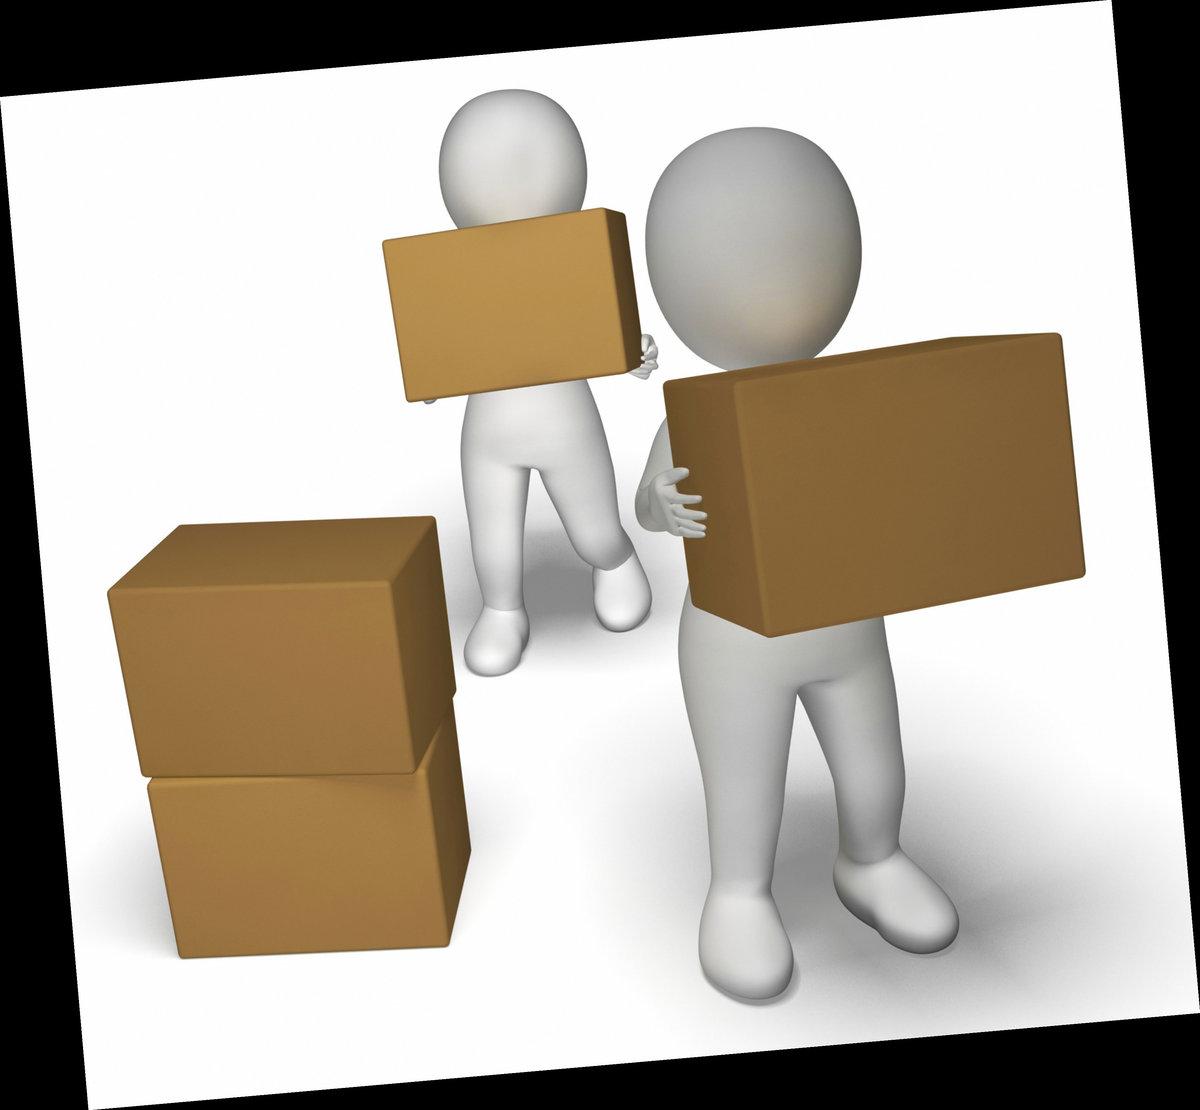 Moving Company Quotes >> Moving Company Quotes Online Call 1 855 789 2734 Alicia